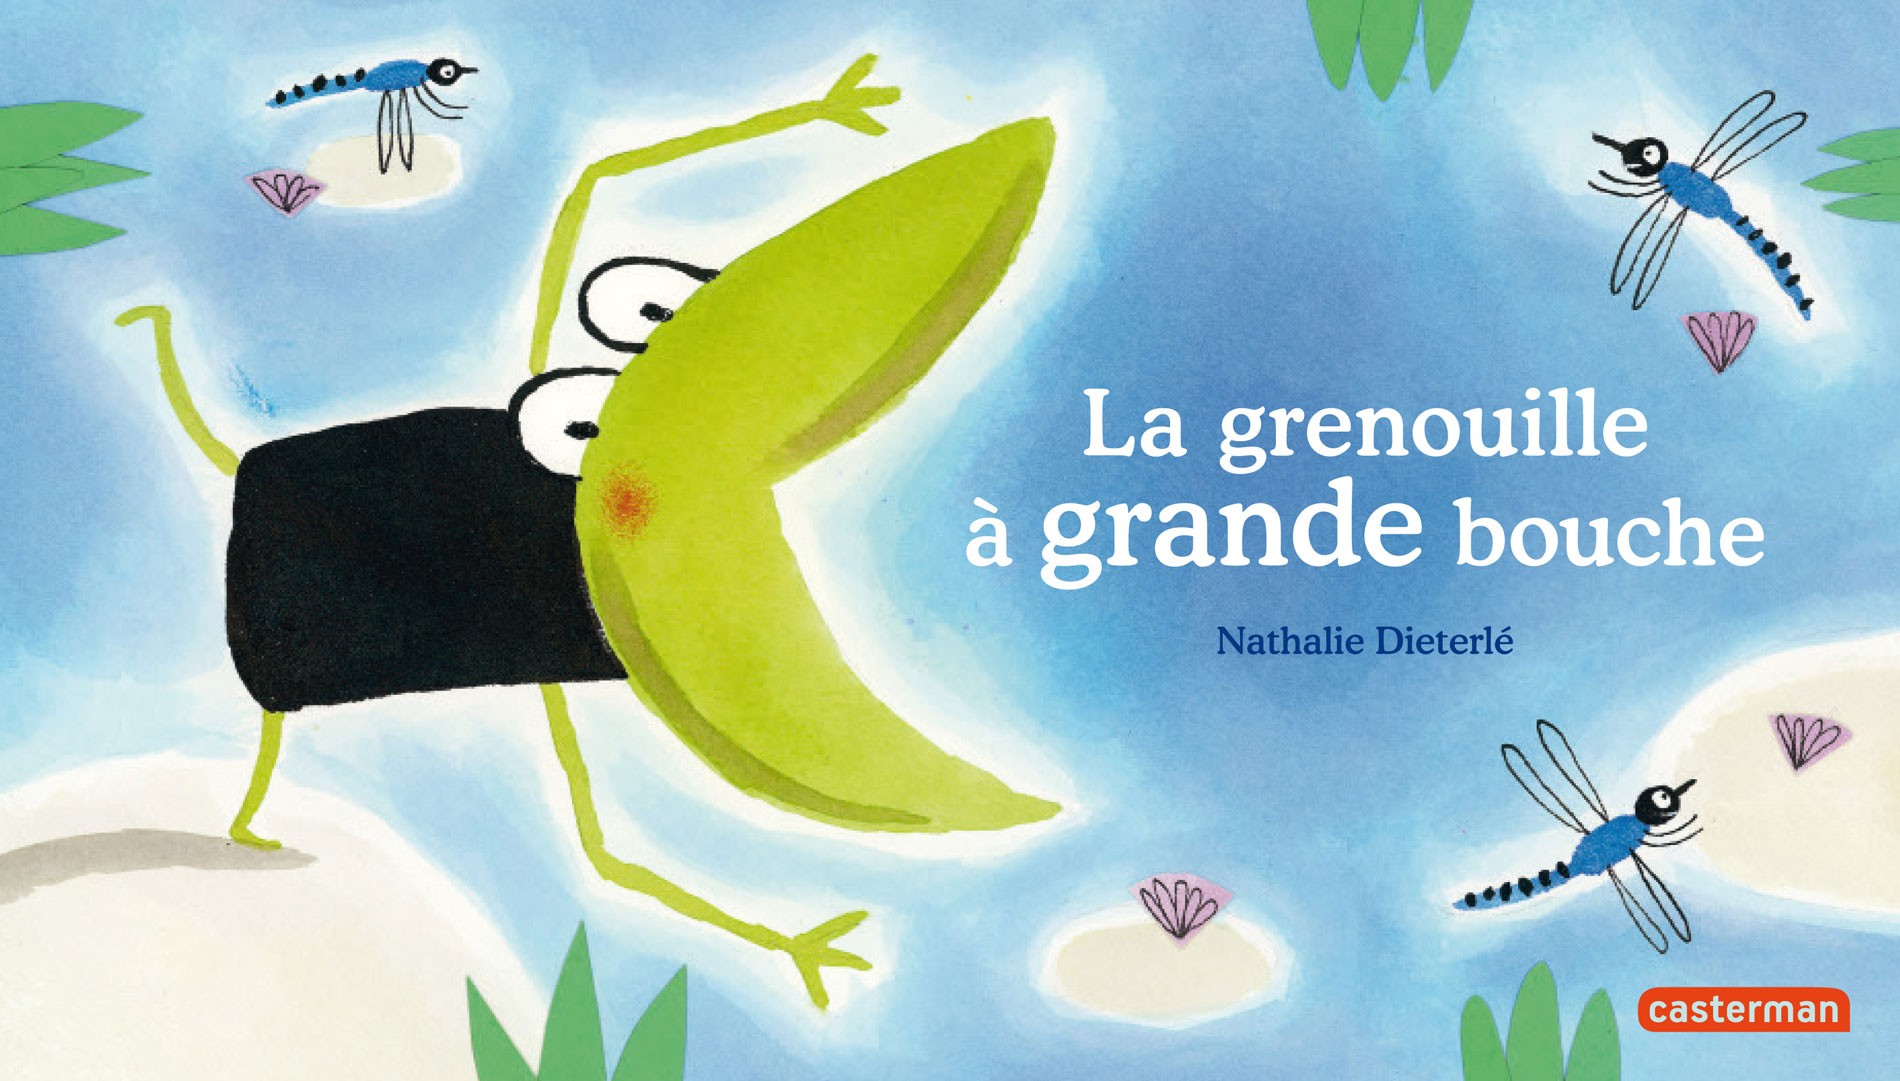 La grenouille à grande bouche est un album jeunesse écrit et illustré par Nathalie Dieterlé et édité aux éditions Casterman